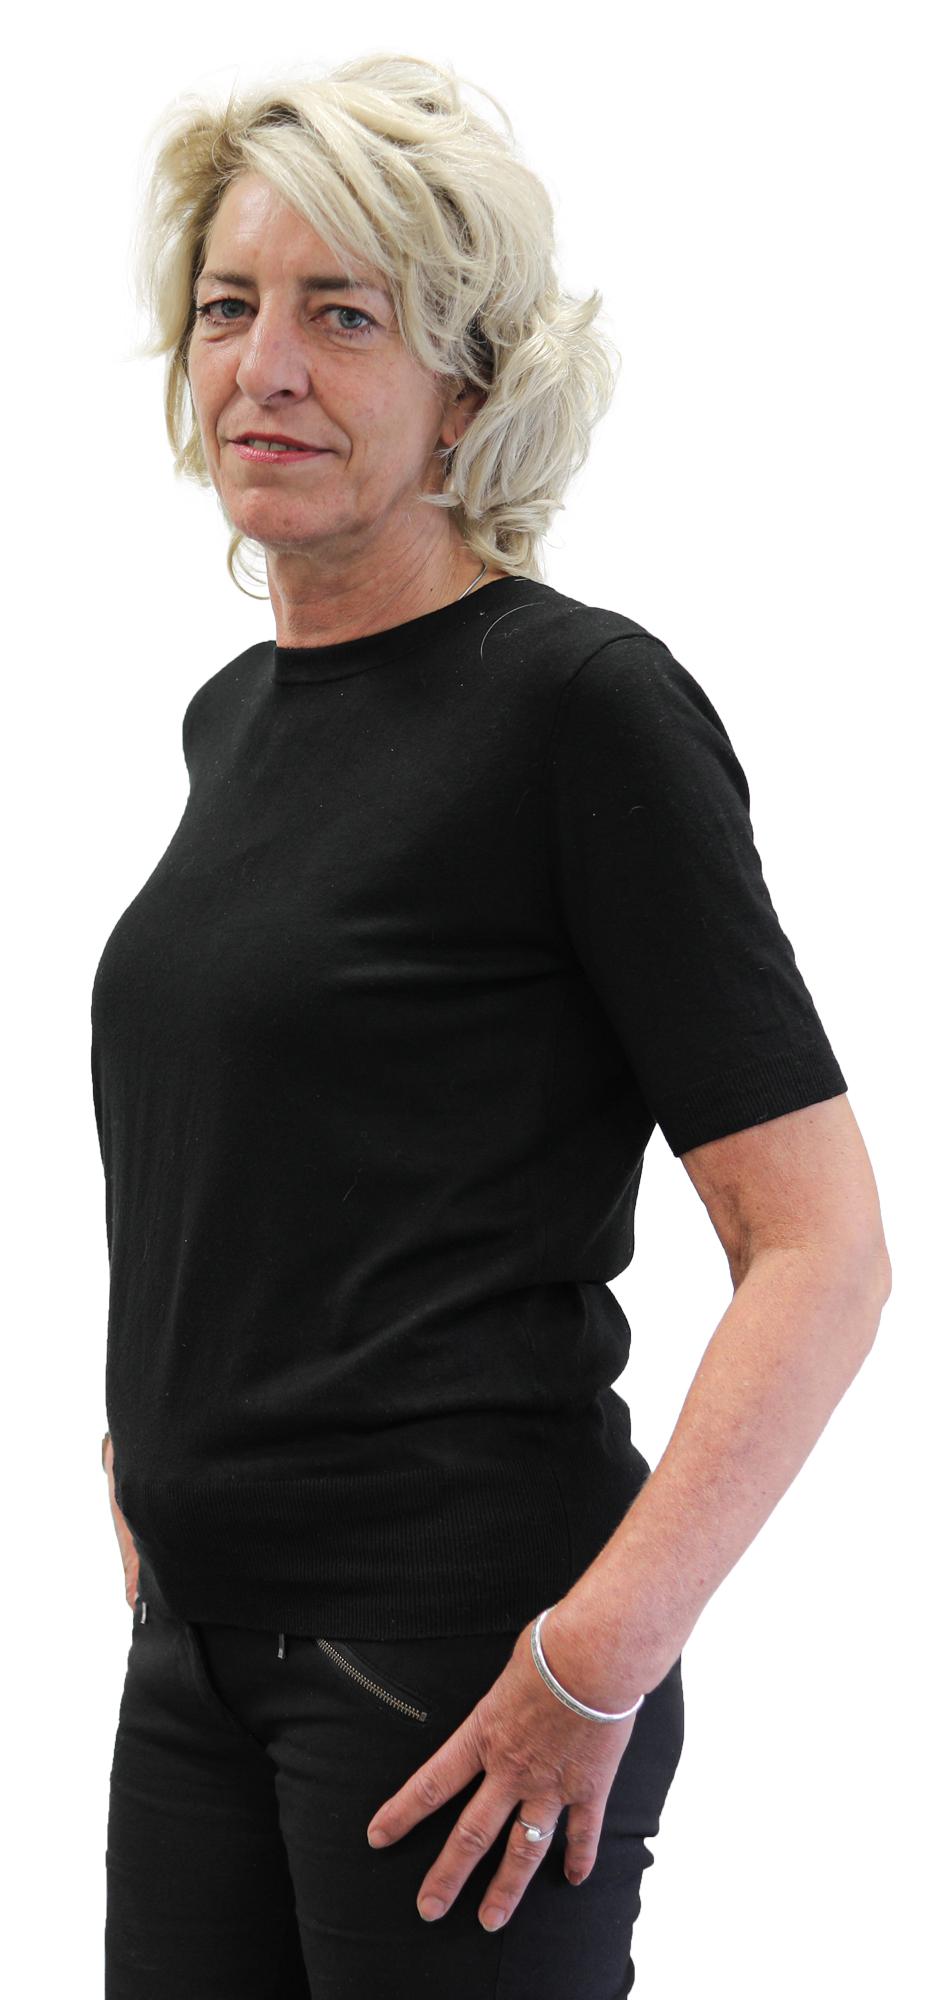 Susanne Liebeknecht - Friseurgesellin